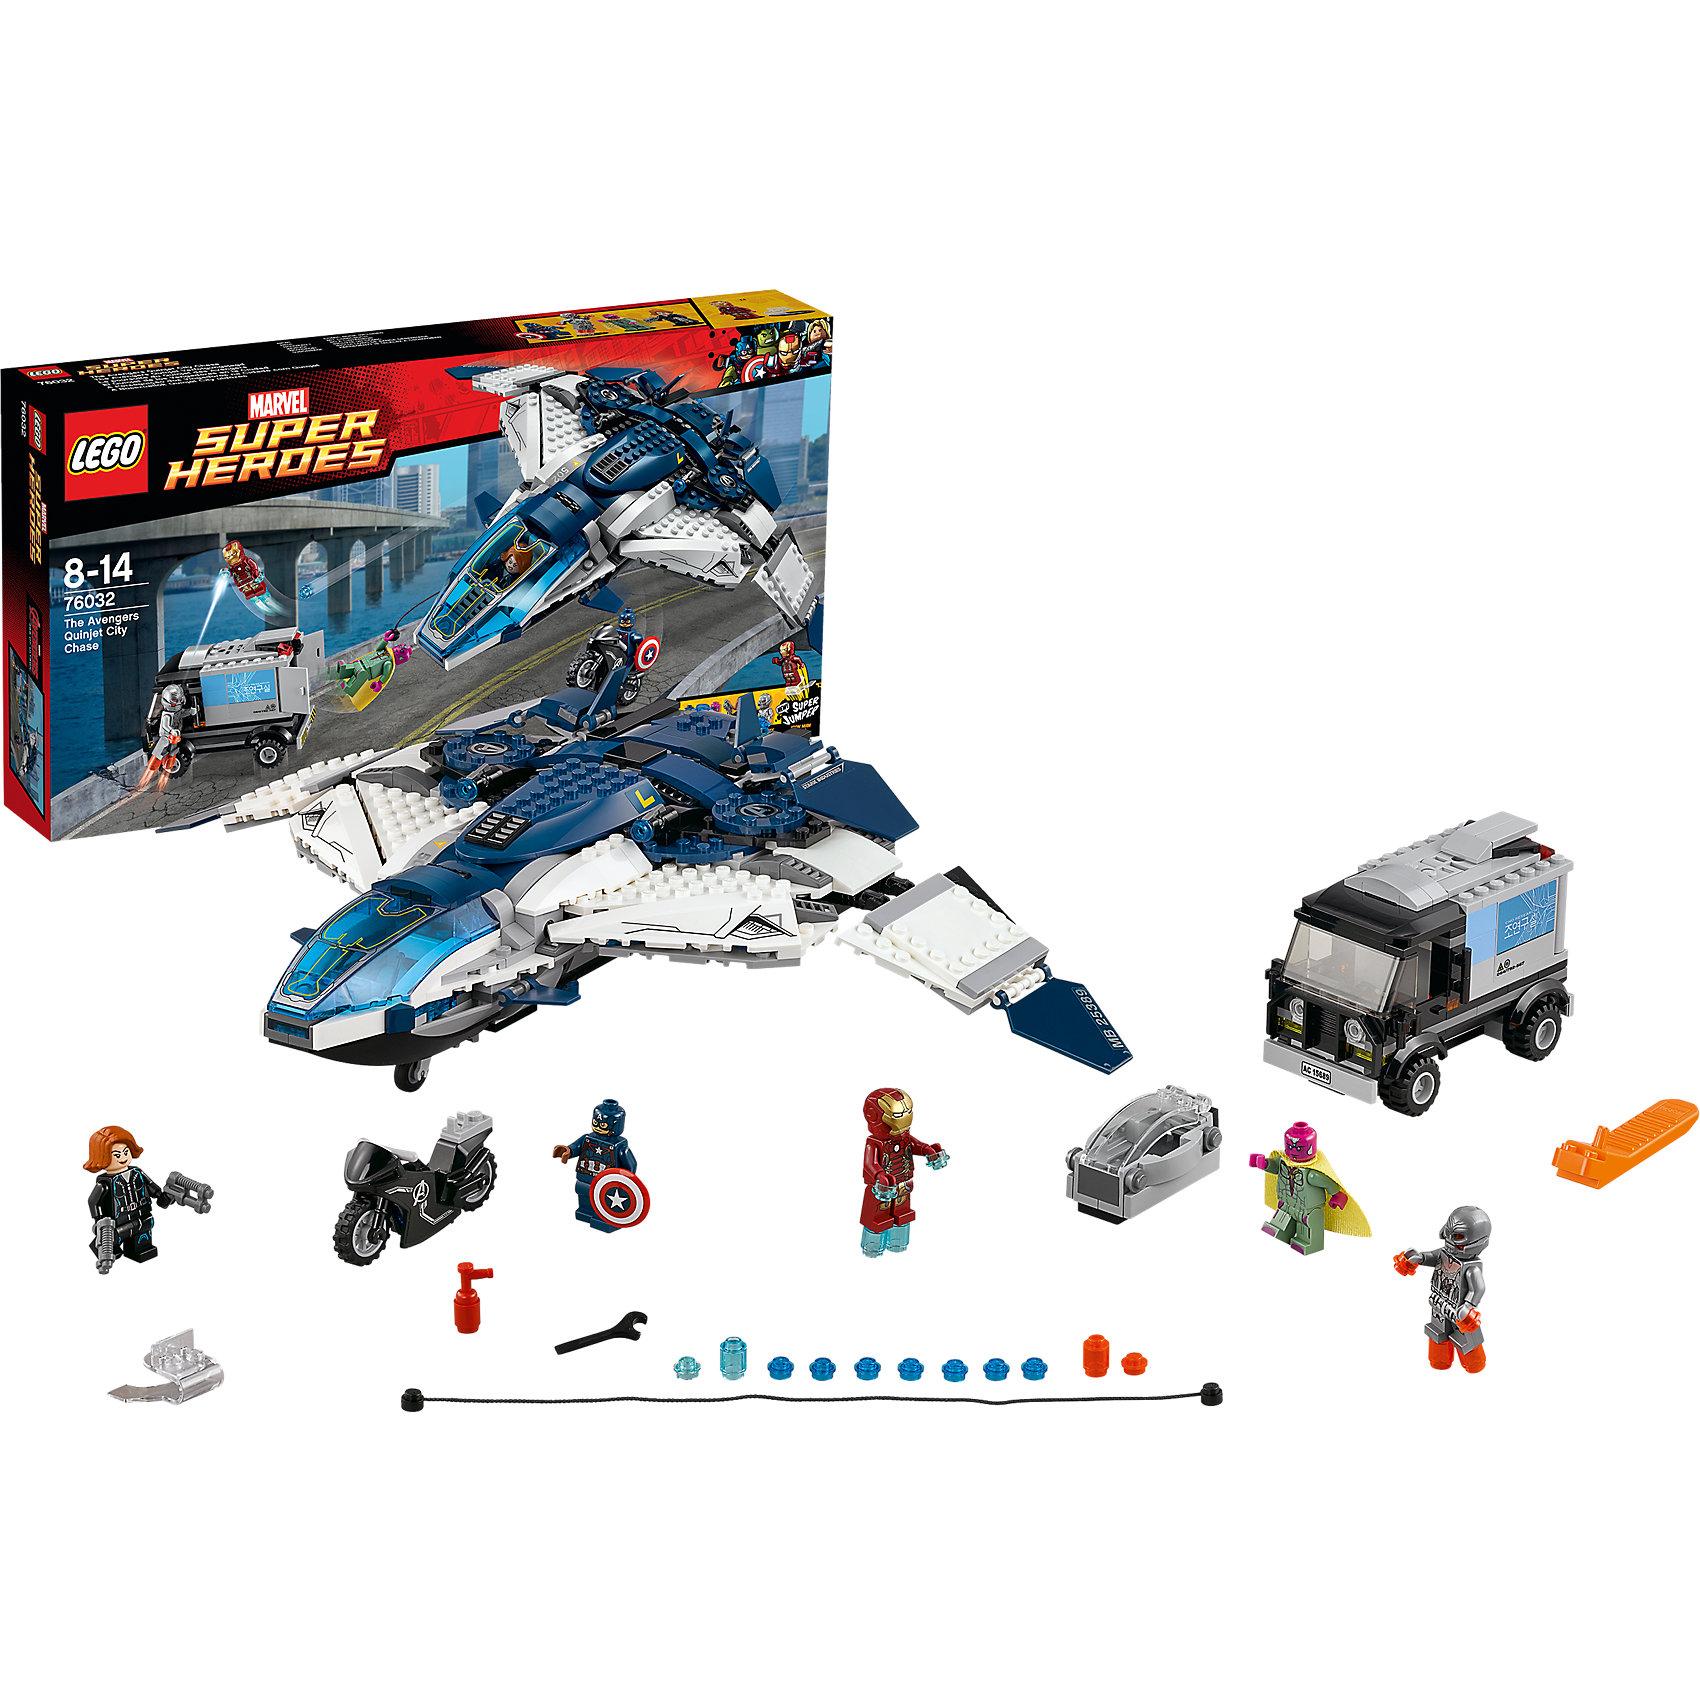 LEGO Super Heroes 76032: Погоня на Квинджете МстителейПластмассовые конструкторы<br>Найди Альтрона по следам с помощью легендарного Квинджета Мстителей. Помести Черную вдову за пульт управления и взмывай в небо. Стреляй из шипованных шутеров и освободи Капитана Америку на супер-мотоцикле, чтобы продолжить погоню по улицам. Железный человек МК43 полетит рядом с Квинджетом при помощи ракетных двигателей, готовый сразиться с Альтроном. Когда настанет время, соверши точный прыжок на грузовик, чтобы взорвать его стенки и открыть драгоценный груз. <br><br>LEGO Super Heroes (ЛЕГО Супер Герои) - серия конструкторов созданная специально по мотивам всеми известных комиксов. Спасай мир и борись со злом вместе с любимыми супергероями! Наборы серии можно комбинировать между собой, давая безграничные просторы для фантазии и придумывая свои новые истории. <br><br>Дополнительная информация:<br><br>- Конструкторы ЛЕГО развивают усидчивость, внимание, фантазию и мелкую моторику. <br>- Комплектация: 5 минифигурок, аксессуары, оружие, грузовик Альтрона, трос, Квинджет, супер-мотоцикл, супер-джампер.<br>- В комплекте 5 минифигурок -  Вижен, Капитан Америка, Черная вдова, Железный человек, Альтрон.<br>- Квинджет: шасси, крылья меняют геометрию.<br>- Грузовик Альтрона: открывающиеся двери, оружие. <br>- Количество деталей: 722 шт.<br>- Серия ЛЕГО Супер Герои (LEGO Super Heroes).<br>- Материал: пластик.<br>- Размер: 54х28,2х7,8 см<br>- Вес: 1,119 кг<br><br>Конструктор LEGO Super Heroes 76032: Погоня на Квинджете Мстителей можно купить в нашем магазине.<br><br>Ширина мм: 540<br>Глубина мм: 279<br>Высота мм: 73<br>Вес г: 1250<br>Возраст от месяцев: 96<br>Возраст до месяцев: 168<br>Пол: Мужской<br>Возраст: Детский<br>SKU: 3786226